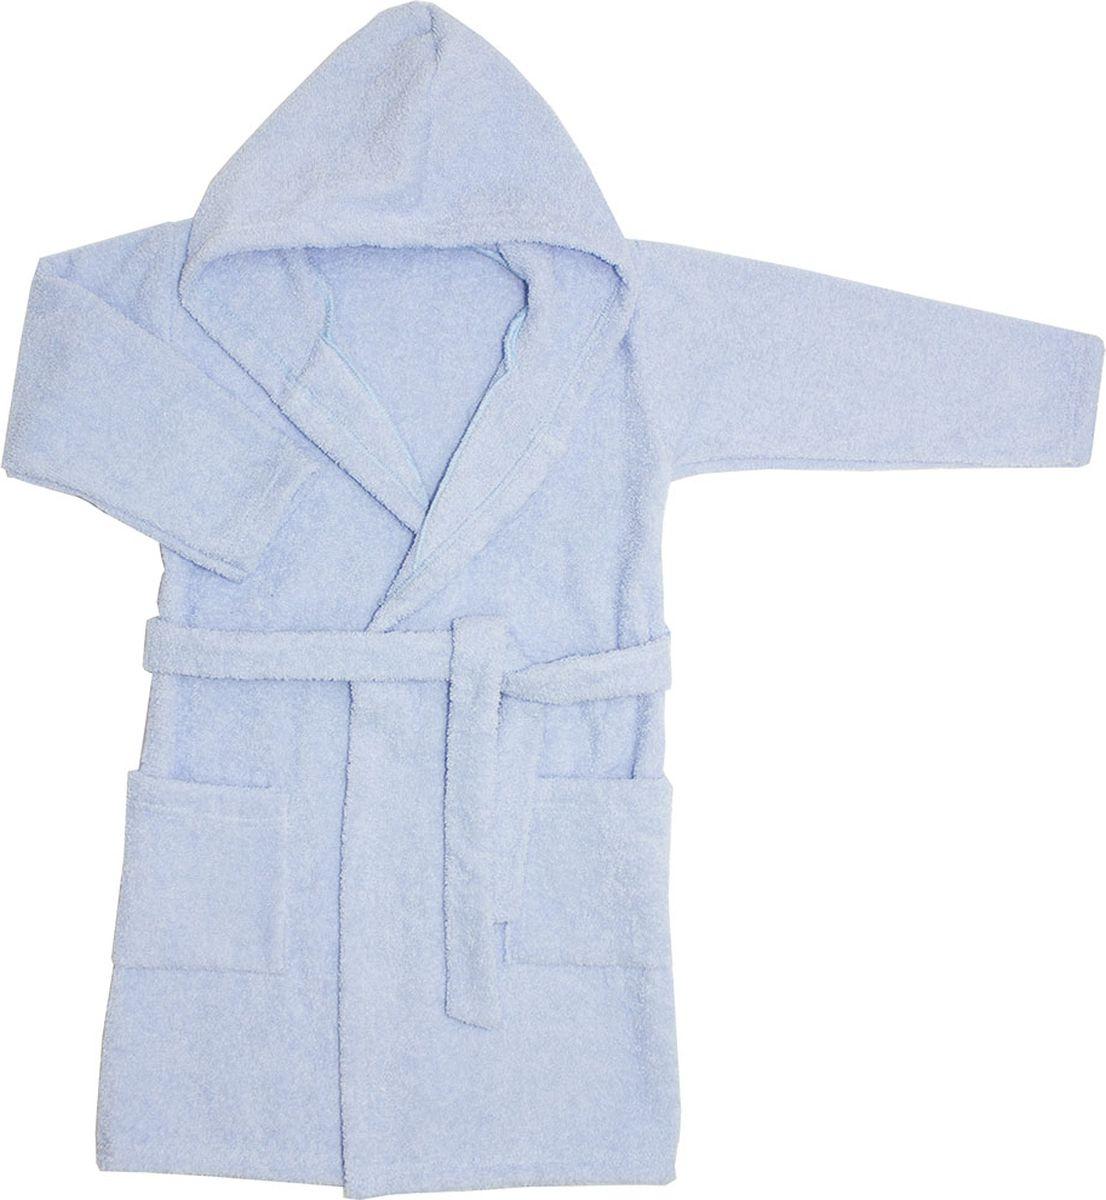 Халат Осьминожка комплект для девочки осьминожка халат полотенце цвет молочный 818 04 26 размер 86